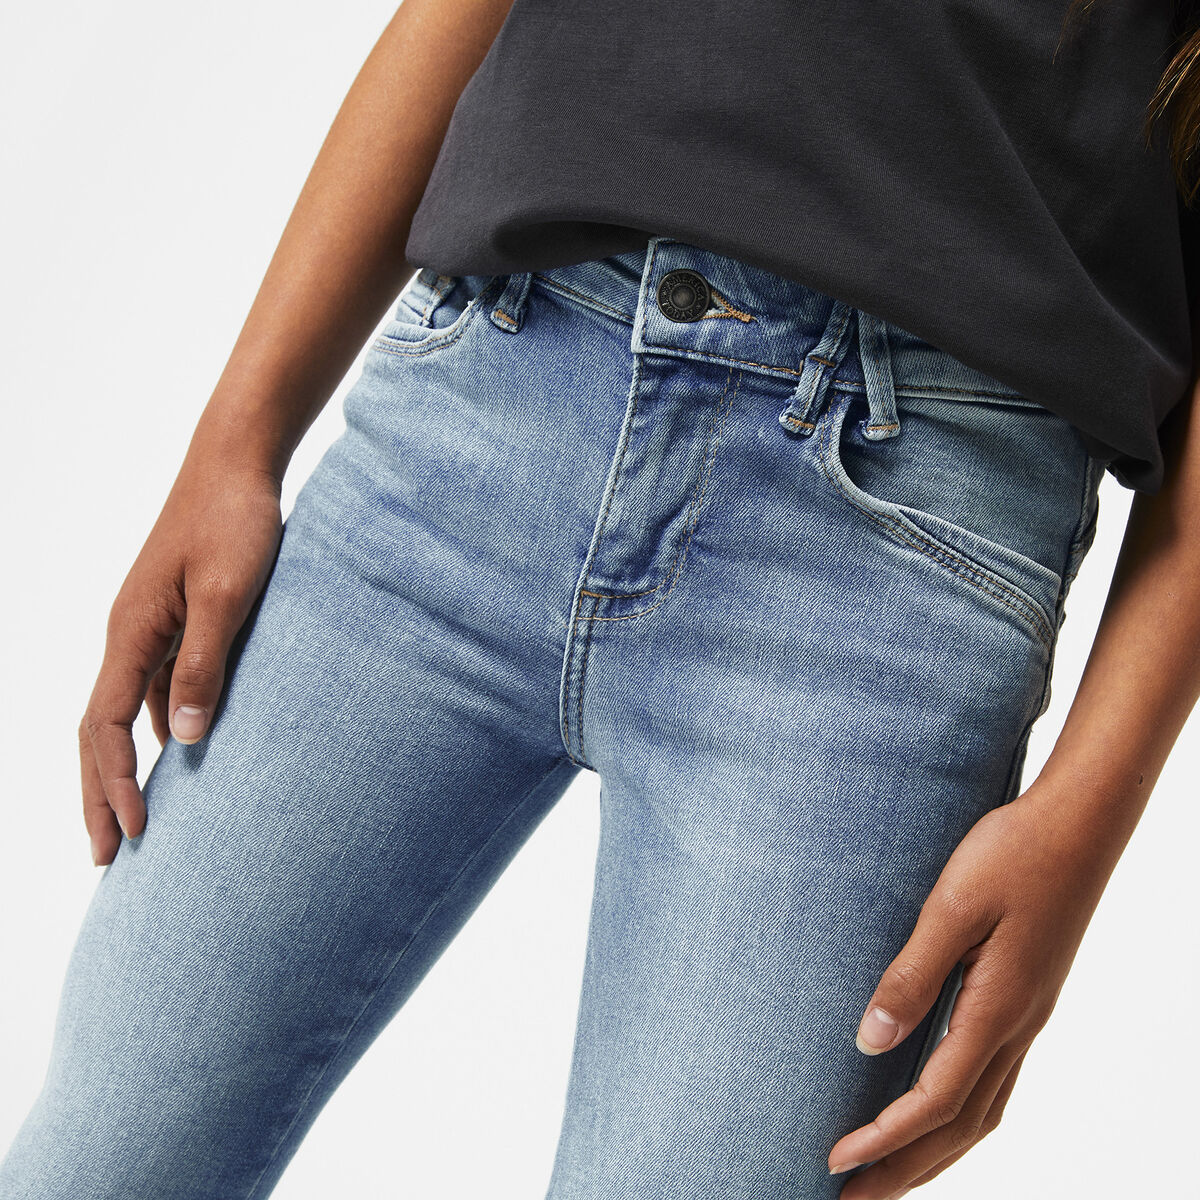 Jeans Emily Flar Jr.